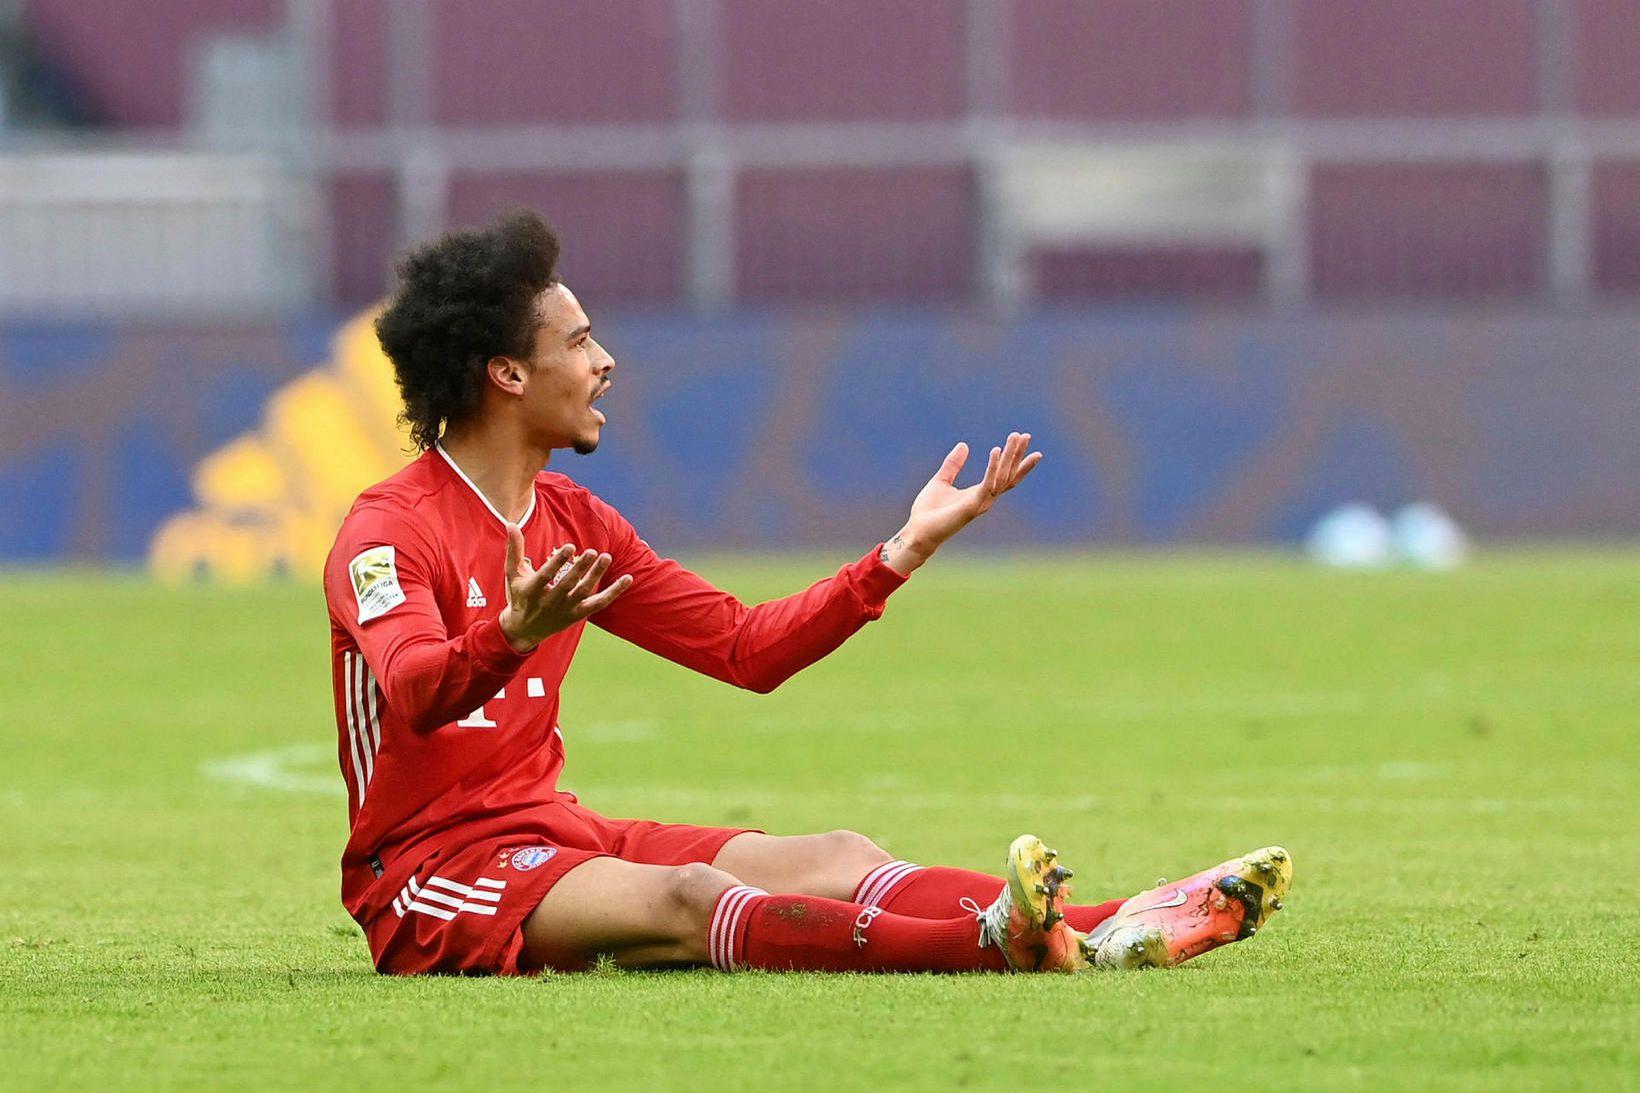 Bayern München tapaði óvænt stigum í dag.